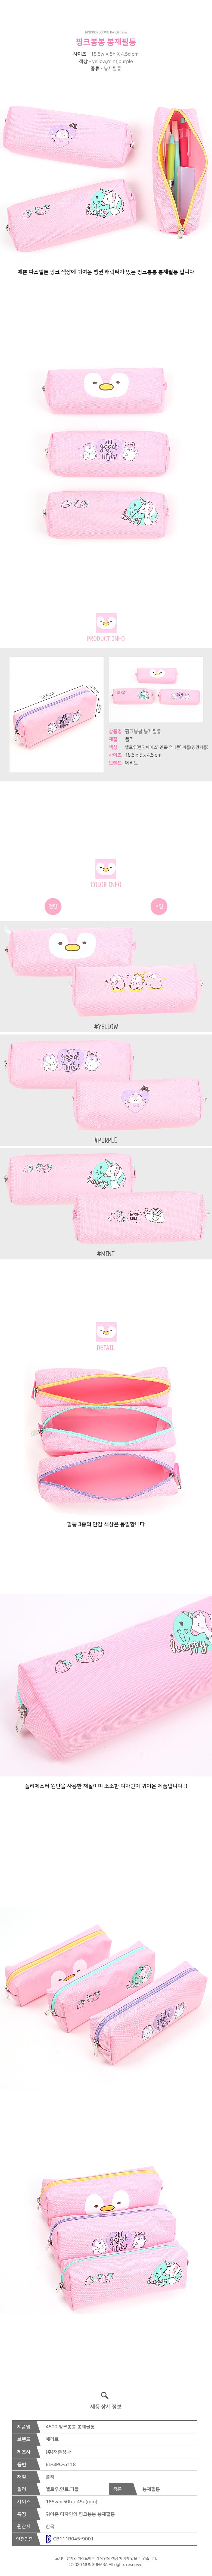 4500 핑크봉봉 봉제필통 - 영웅완구, 4,500원, 패브릭필통, 패턴